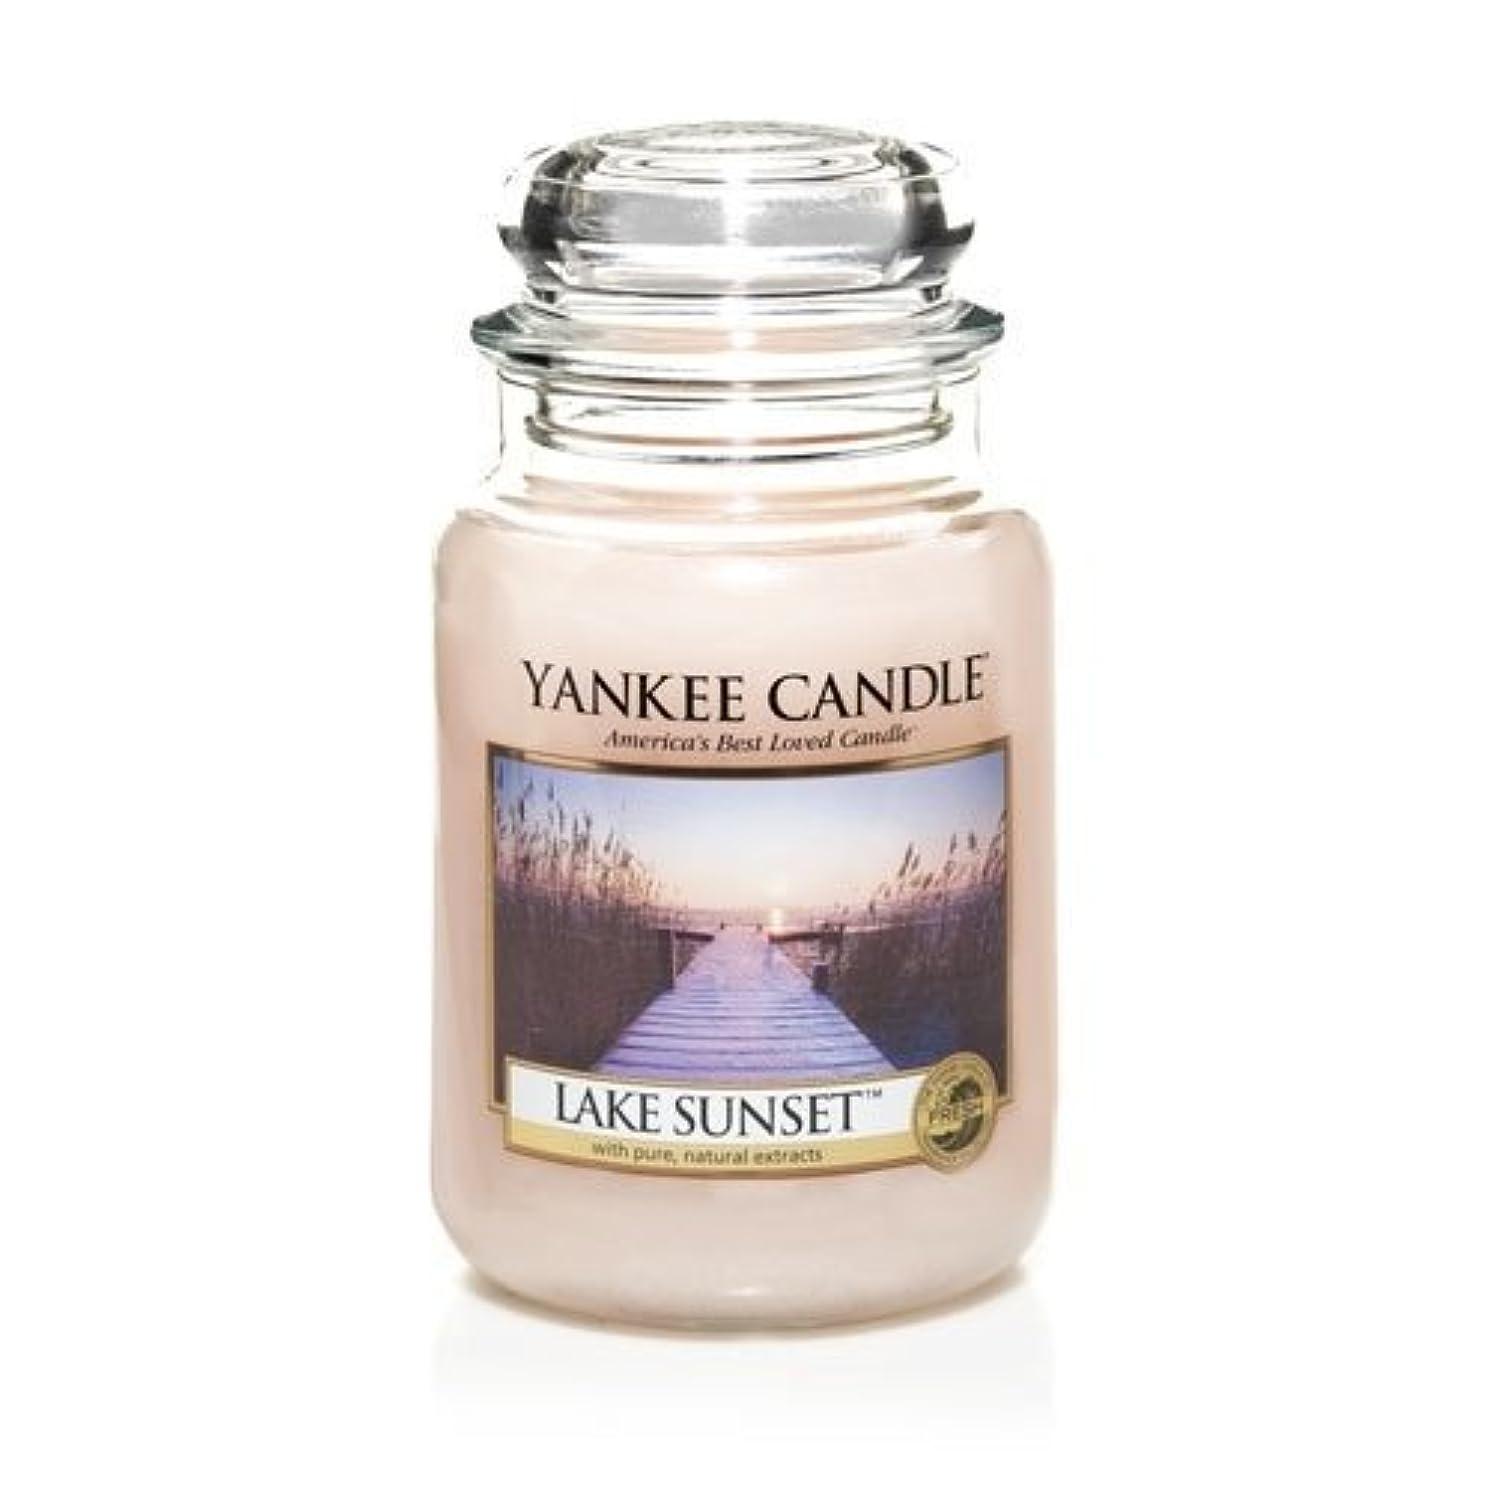 二ミケランジェロキャンバスYankee Candle LAKE SUNSET 22 oz Large Jar Candle - New for Fall 2013 by Yankee Candle [並行輸入品]